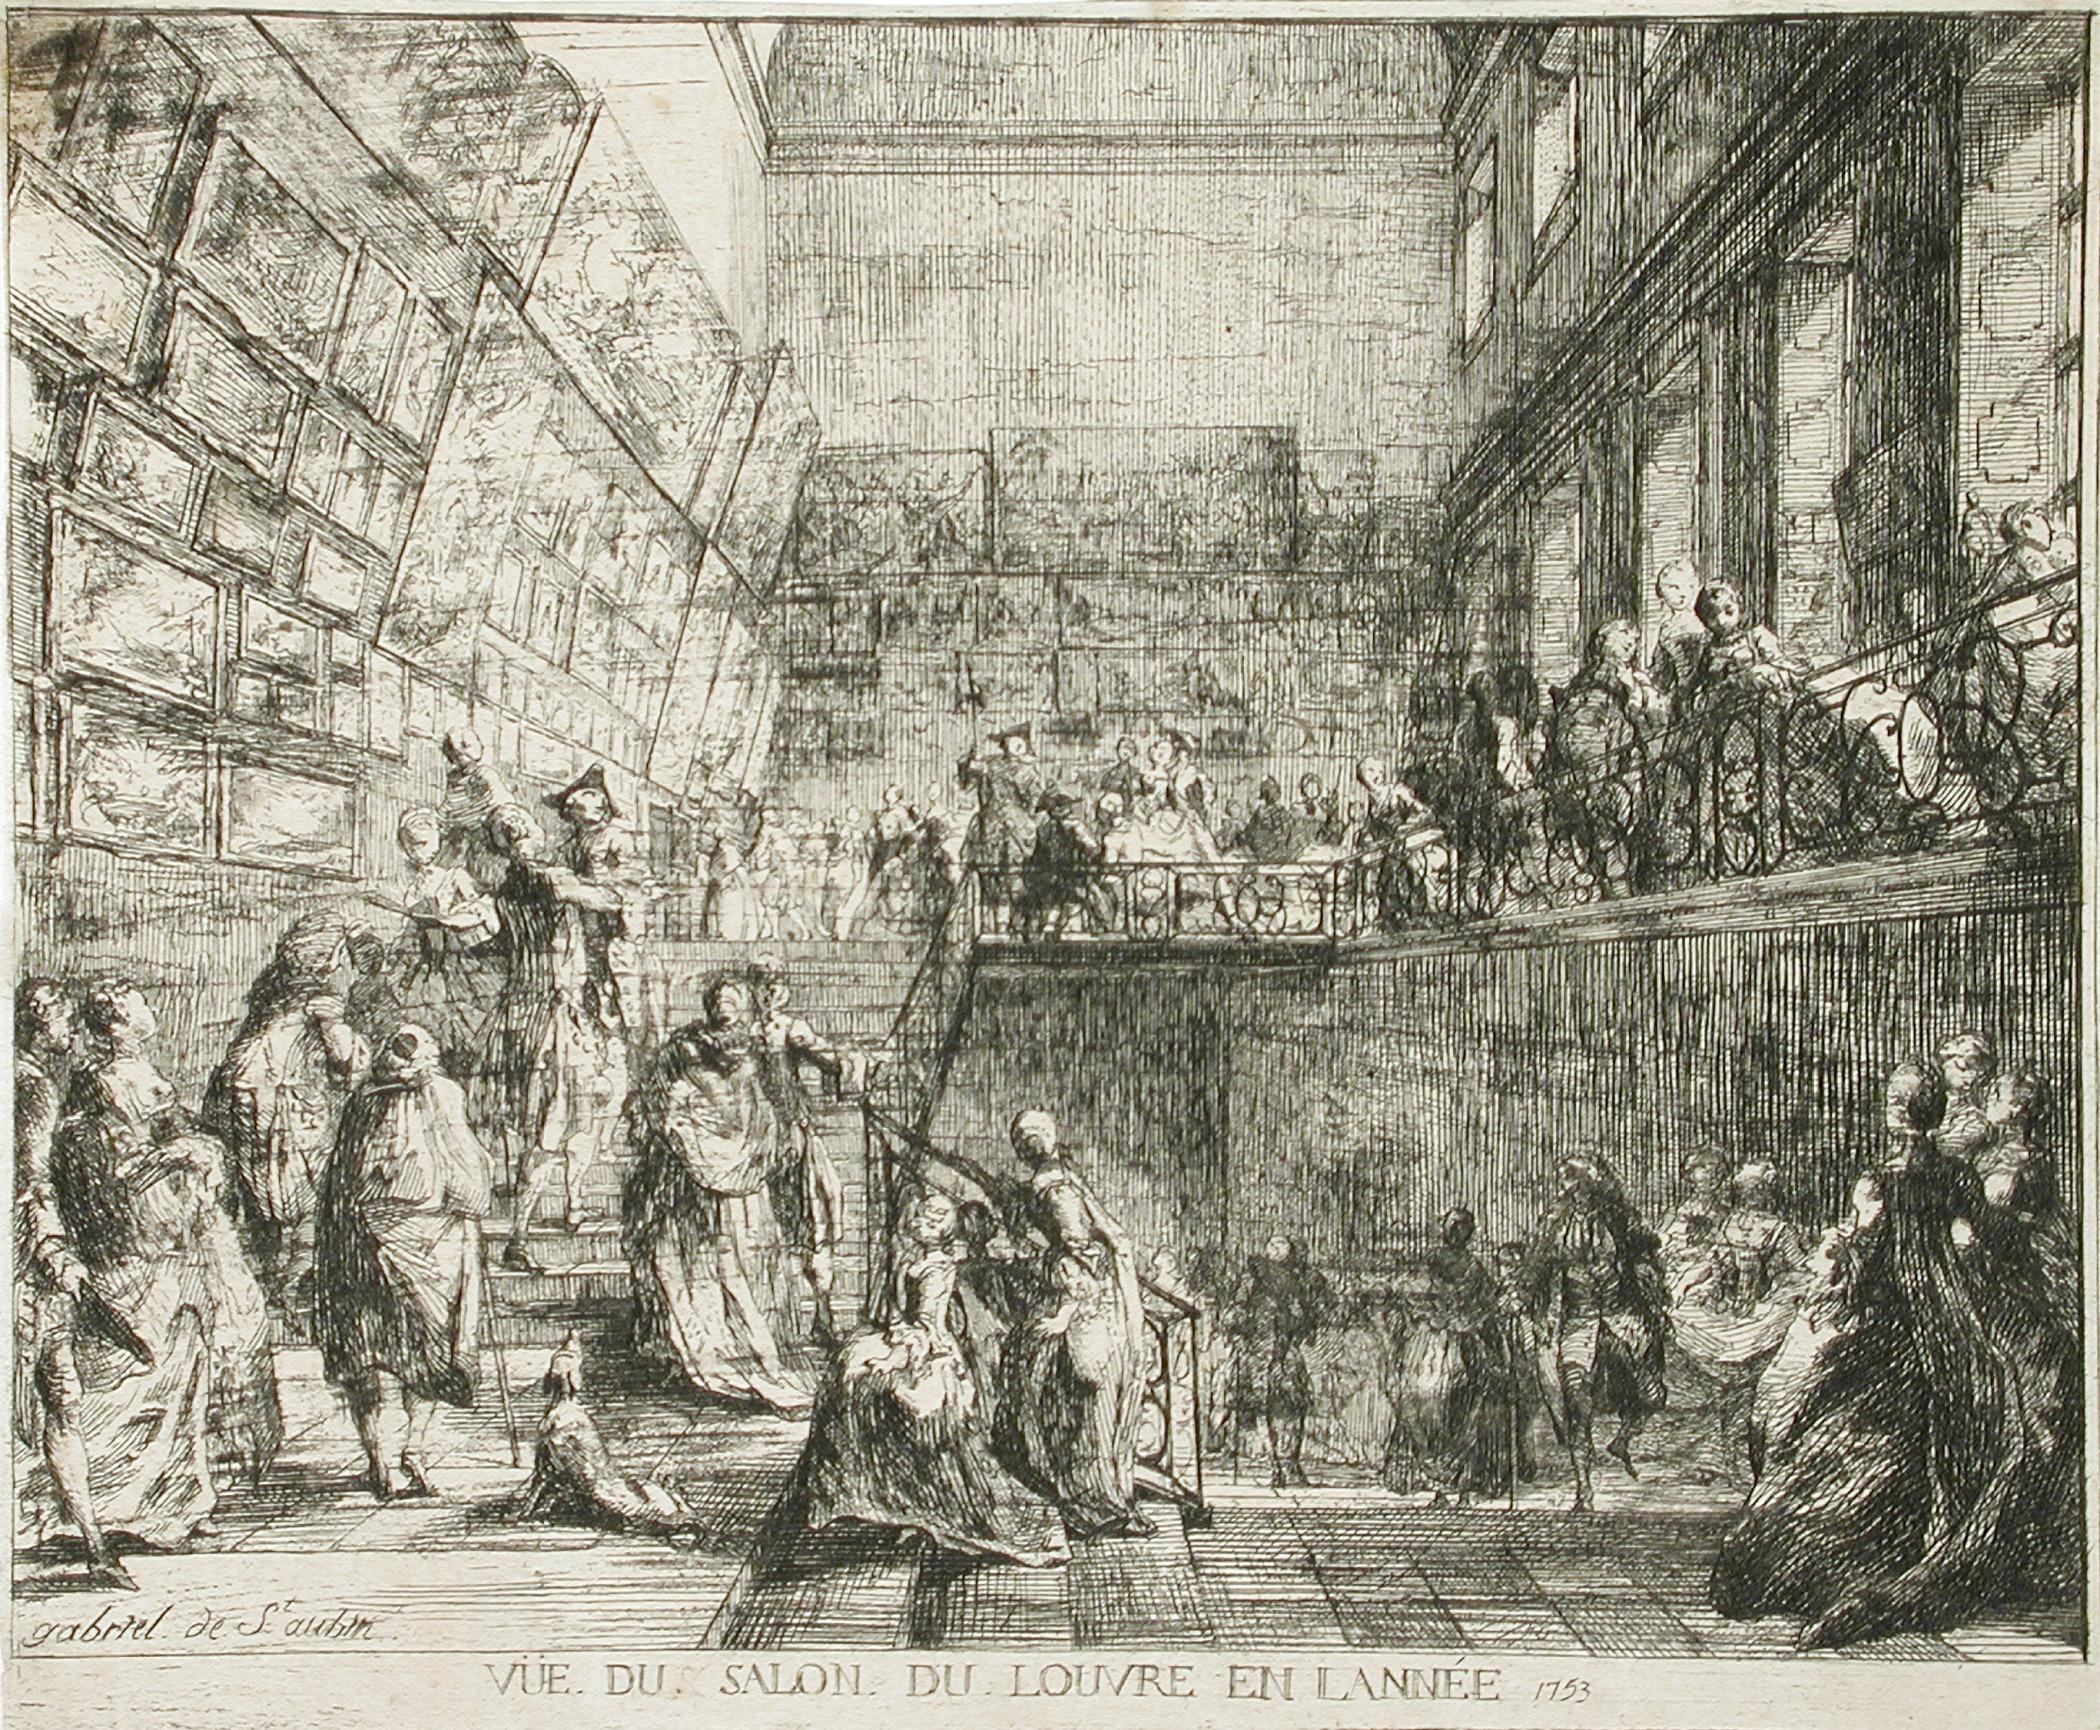 File:Vue du Salon du Louvre en l'annee 1753 LACMA AC1998.27.1